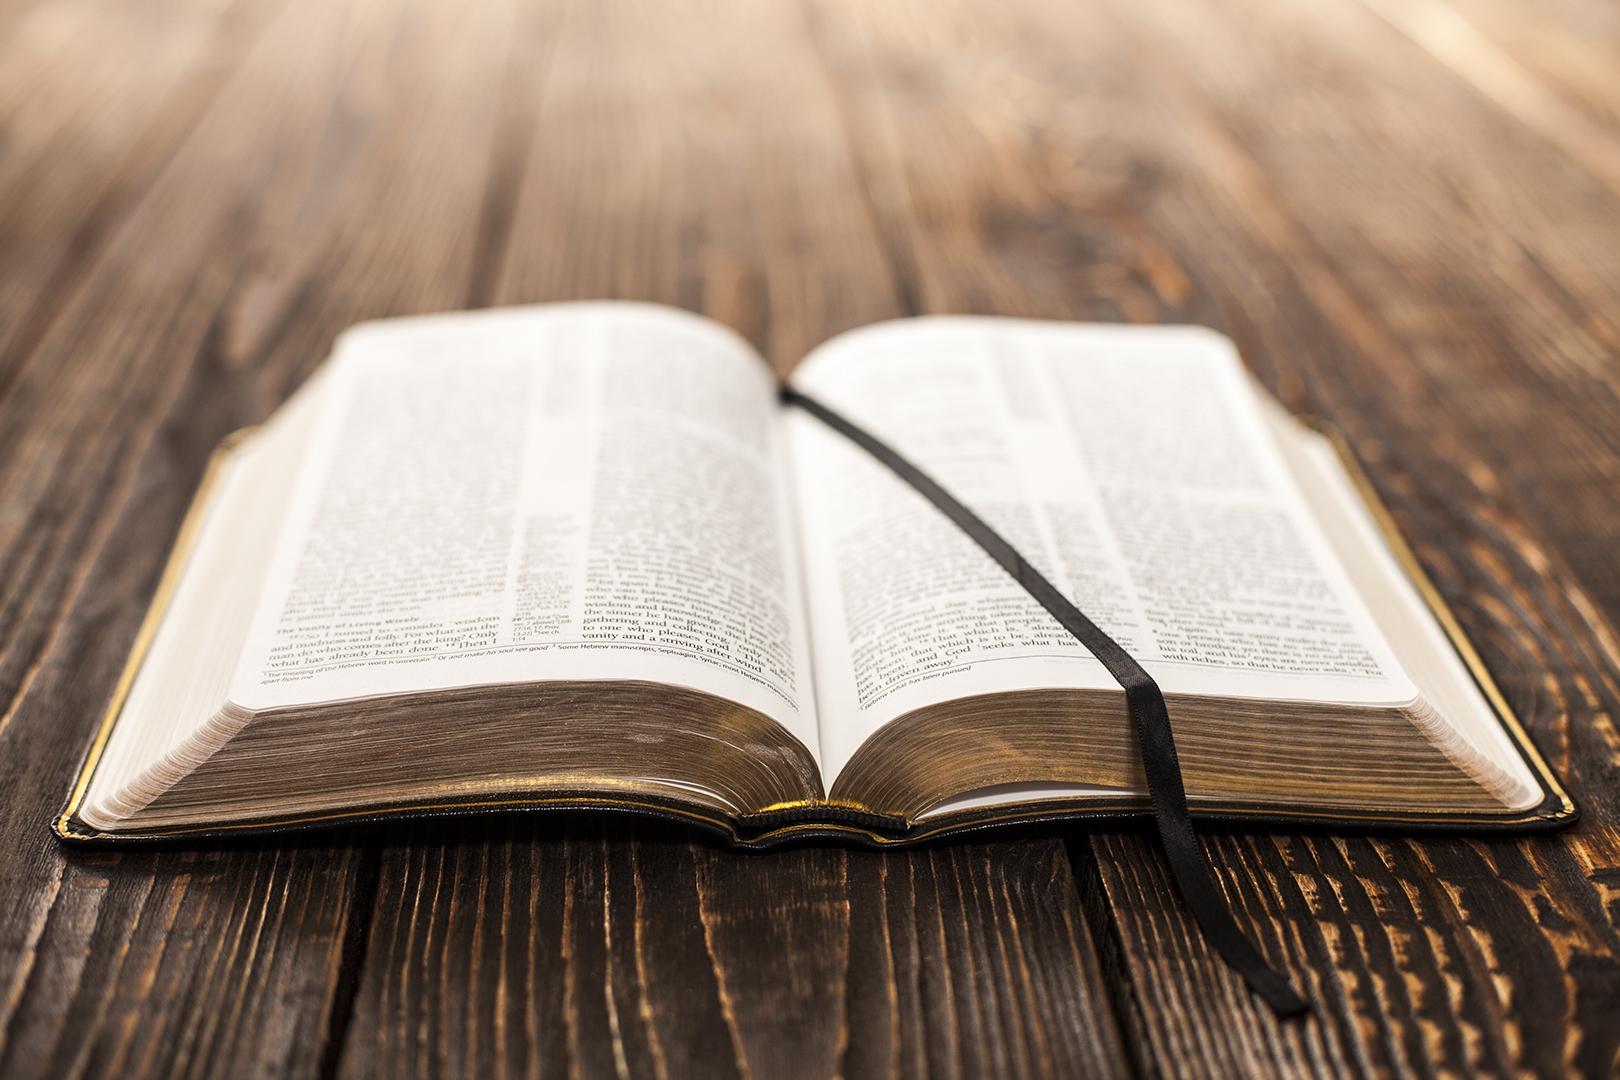 Lea la Biblia en un año : 222º día15 min read